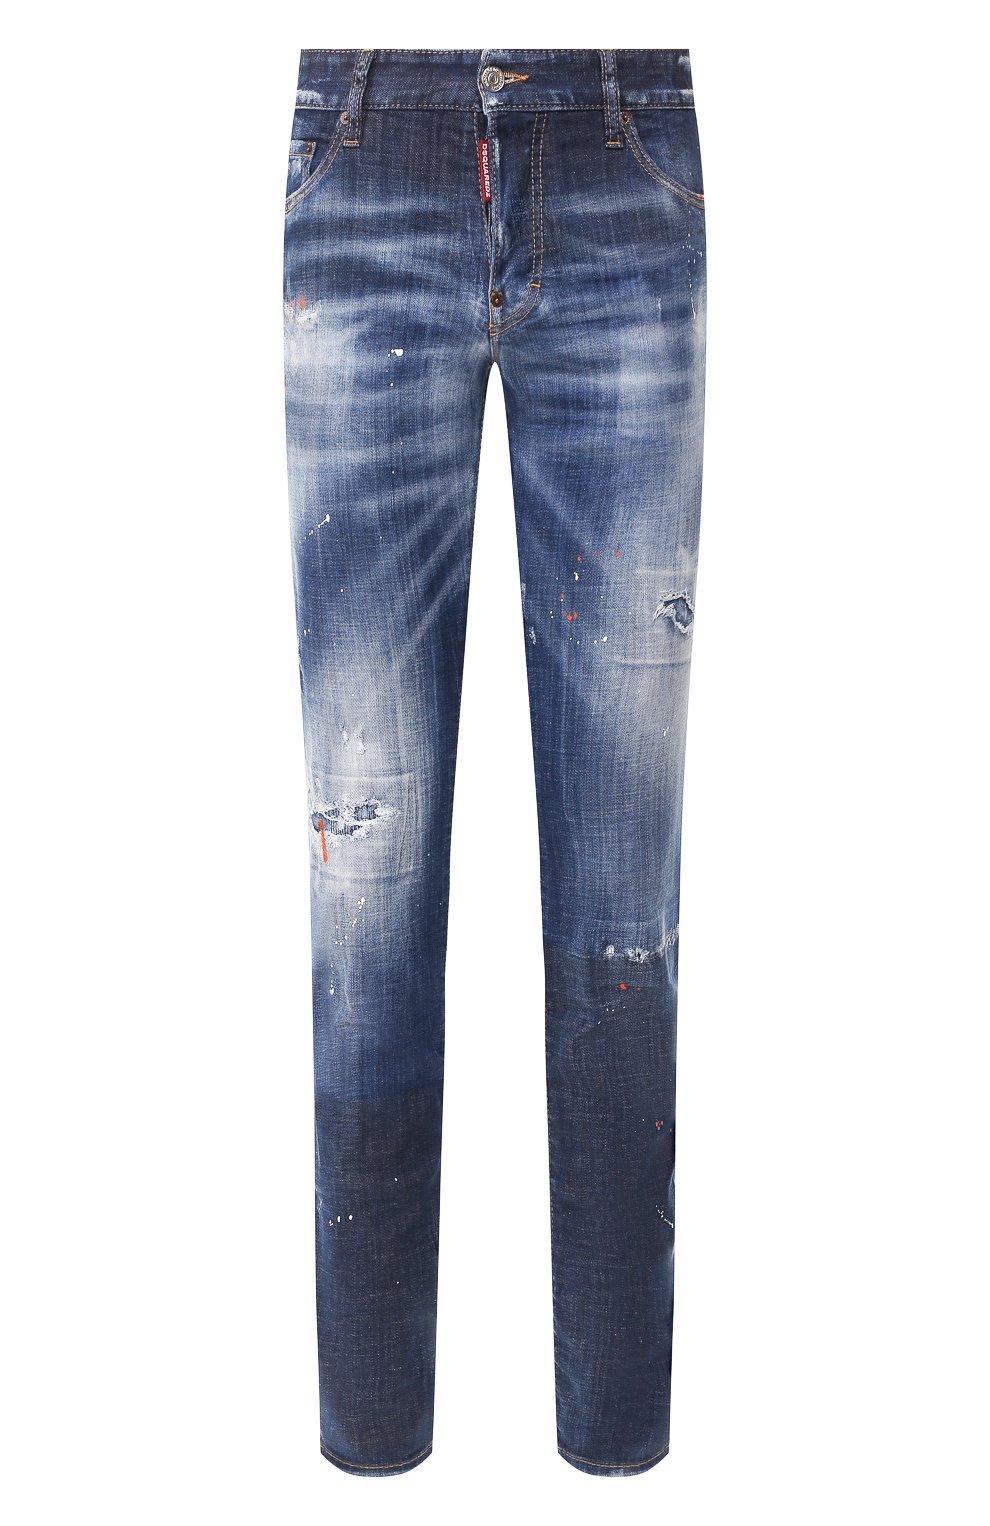 Мужские джинсы DSQUARED2 синего цвета, арт. S74LB0688/S30342   Фото 1 (Силуэт М (брюки): Узкие; Длина (брюки, джинсы): Стандартные; Материал внешний: Хлопок, Деним)